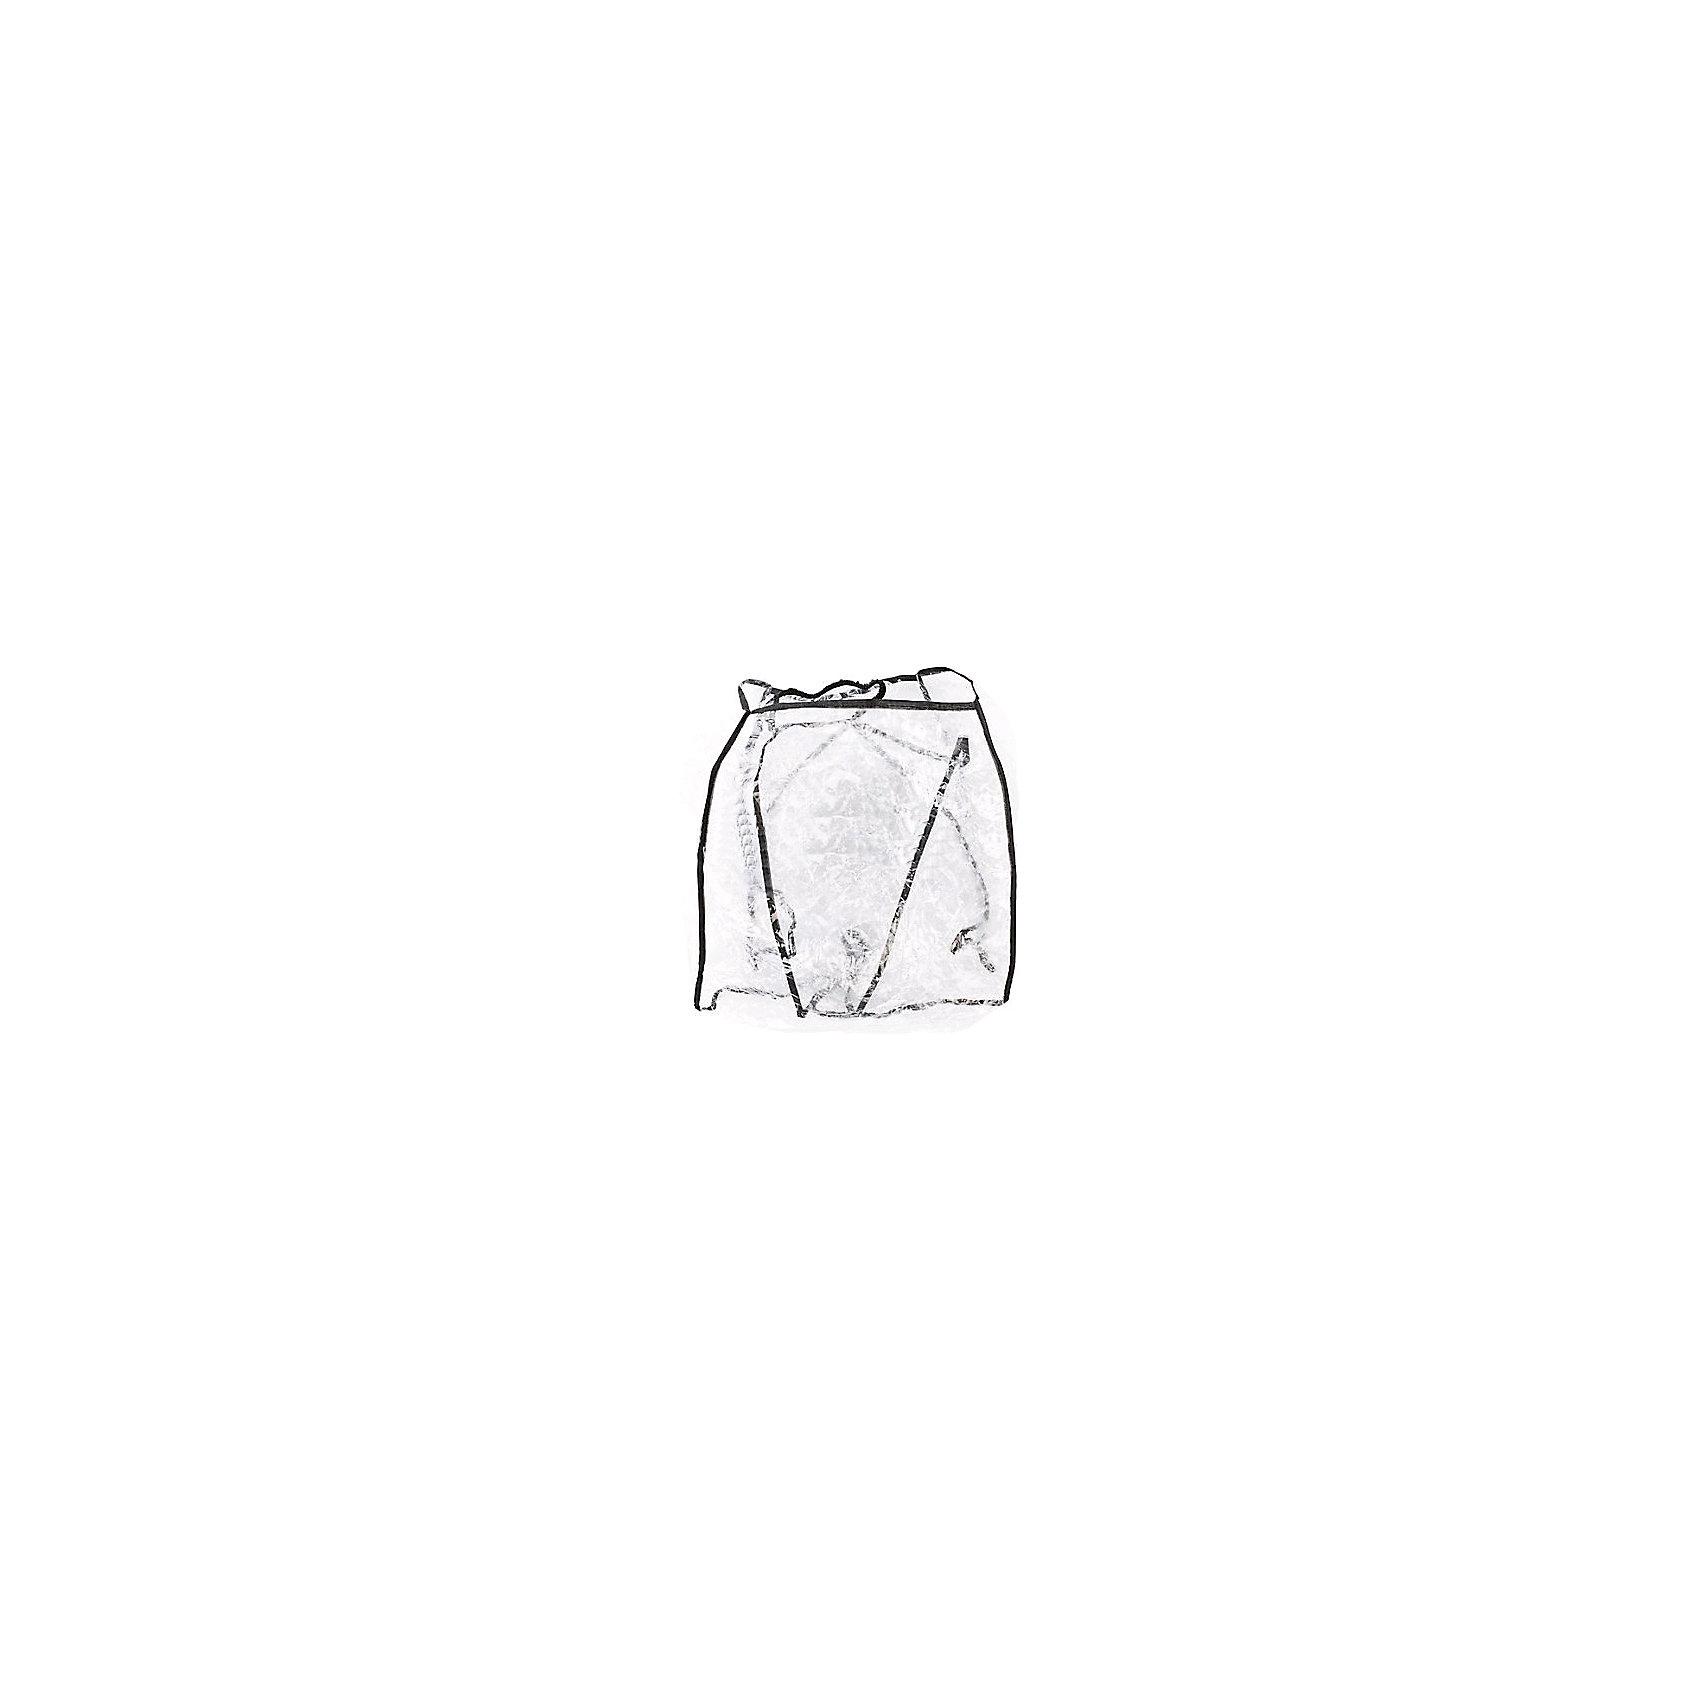 Дождевик на коляску универсальный в сумке, Roxy-KidsХарактеристики:<br><br>• Предназначение: дождевик на коляску<br>• Пол: универсальный<br>• Цвет: прозрачный<br>• Материал: полиэтилен<br>• Универсальный размер<br>• Вентиляционные отверстия<br>• Вес: 300 г<br>• Размеры (Д*Ш*В): 25*6*25 см<br><br>Дождевик на коляску универсальный в сумке, Roxy-Kids выполнен из прозрачного полиэтилена, обладающего повышенной прочностью. Края изделия обработаны кантом, что защищает от деформации и при этом обеспечивает дополнительную фиксацию на коляске. У чехла предусмотрены вентиляционные отверстия. Дождевик выполнен в универсальном размере, поэтому подходит для колясок классических моделей: от люльки до колясок-тростей.<br><br>Дождевик на коляску универсальный в сумке, Roxy-Kids можно купить в нашем интернет-магазине.<br><br>Ширина мм: 250<br>Глубина мм: 250<br>Высота мм: 60<br>Вес г: 300<br>Возраст от месяцев: 0<br>Возраст до месяцев: 36<br>Пол: Унисекс<br>Возраст: Детский<br>SKU: 5489924